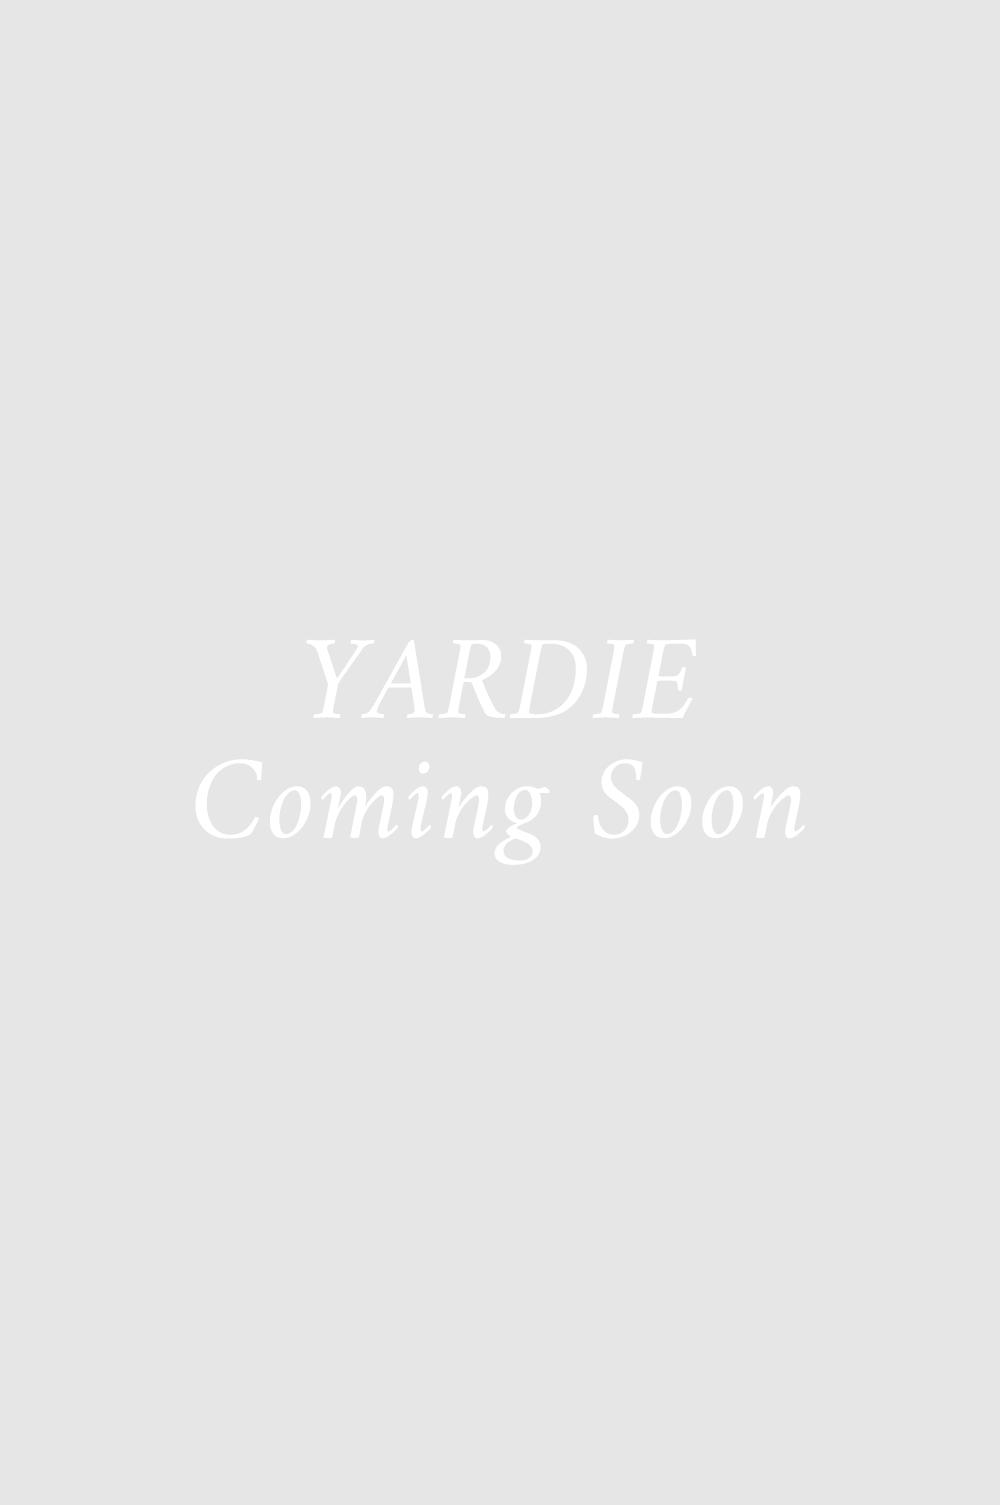 Yardie Coming Soon